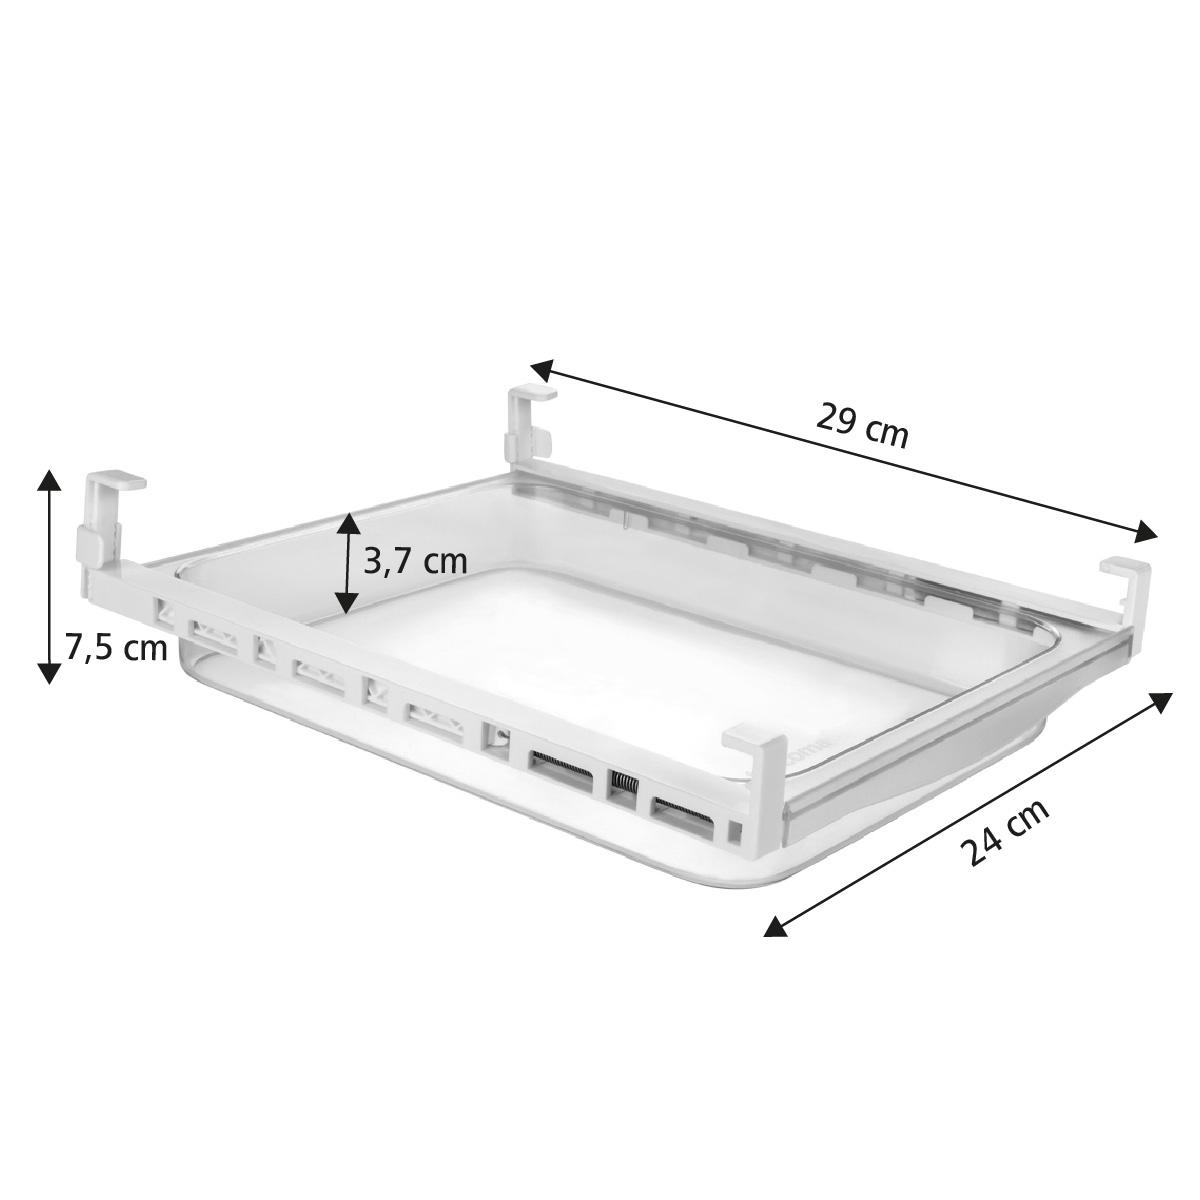 Univerzální zásuvka FlexiSPACE 290 x 240 mm